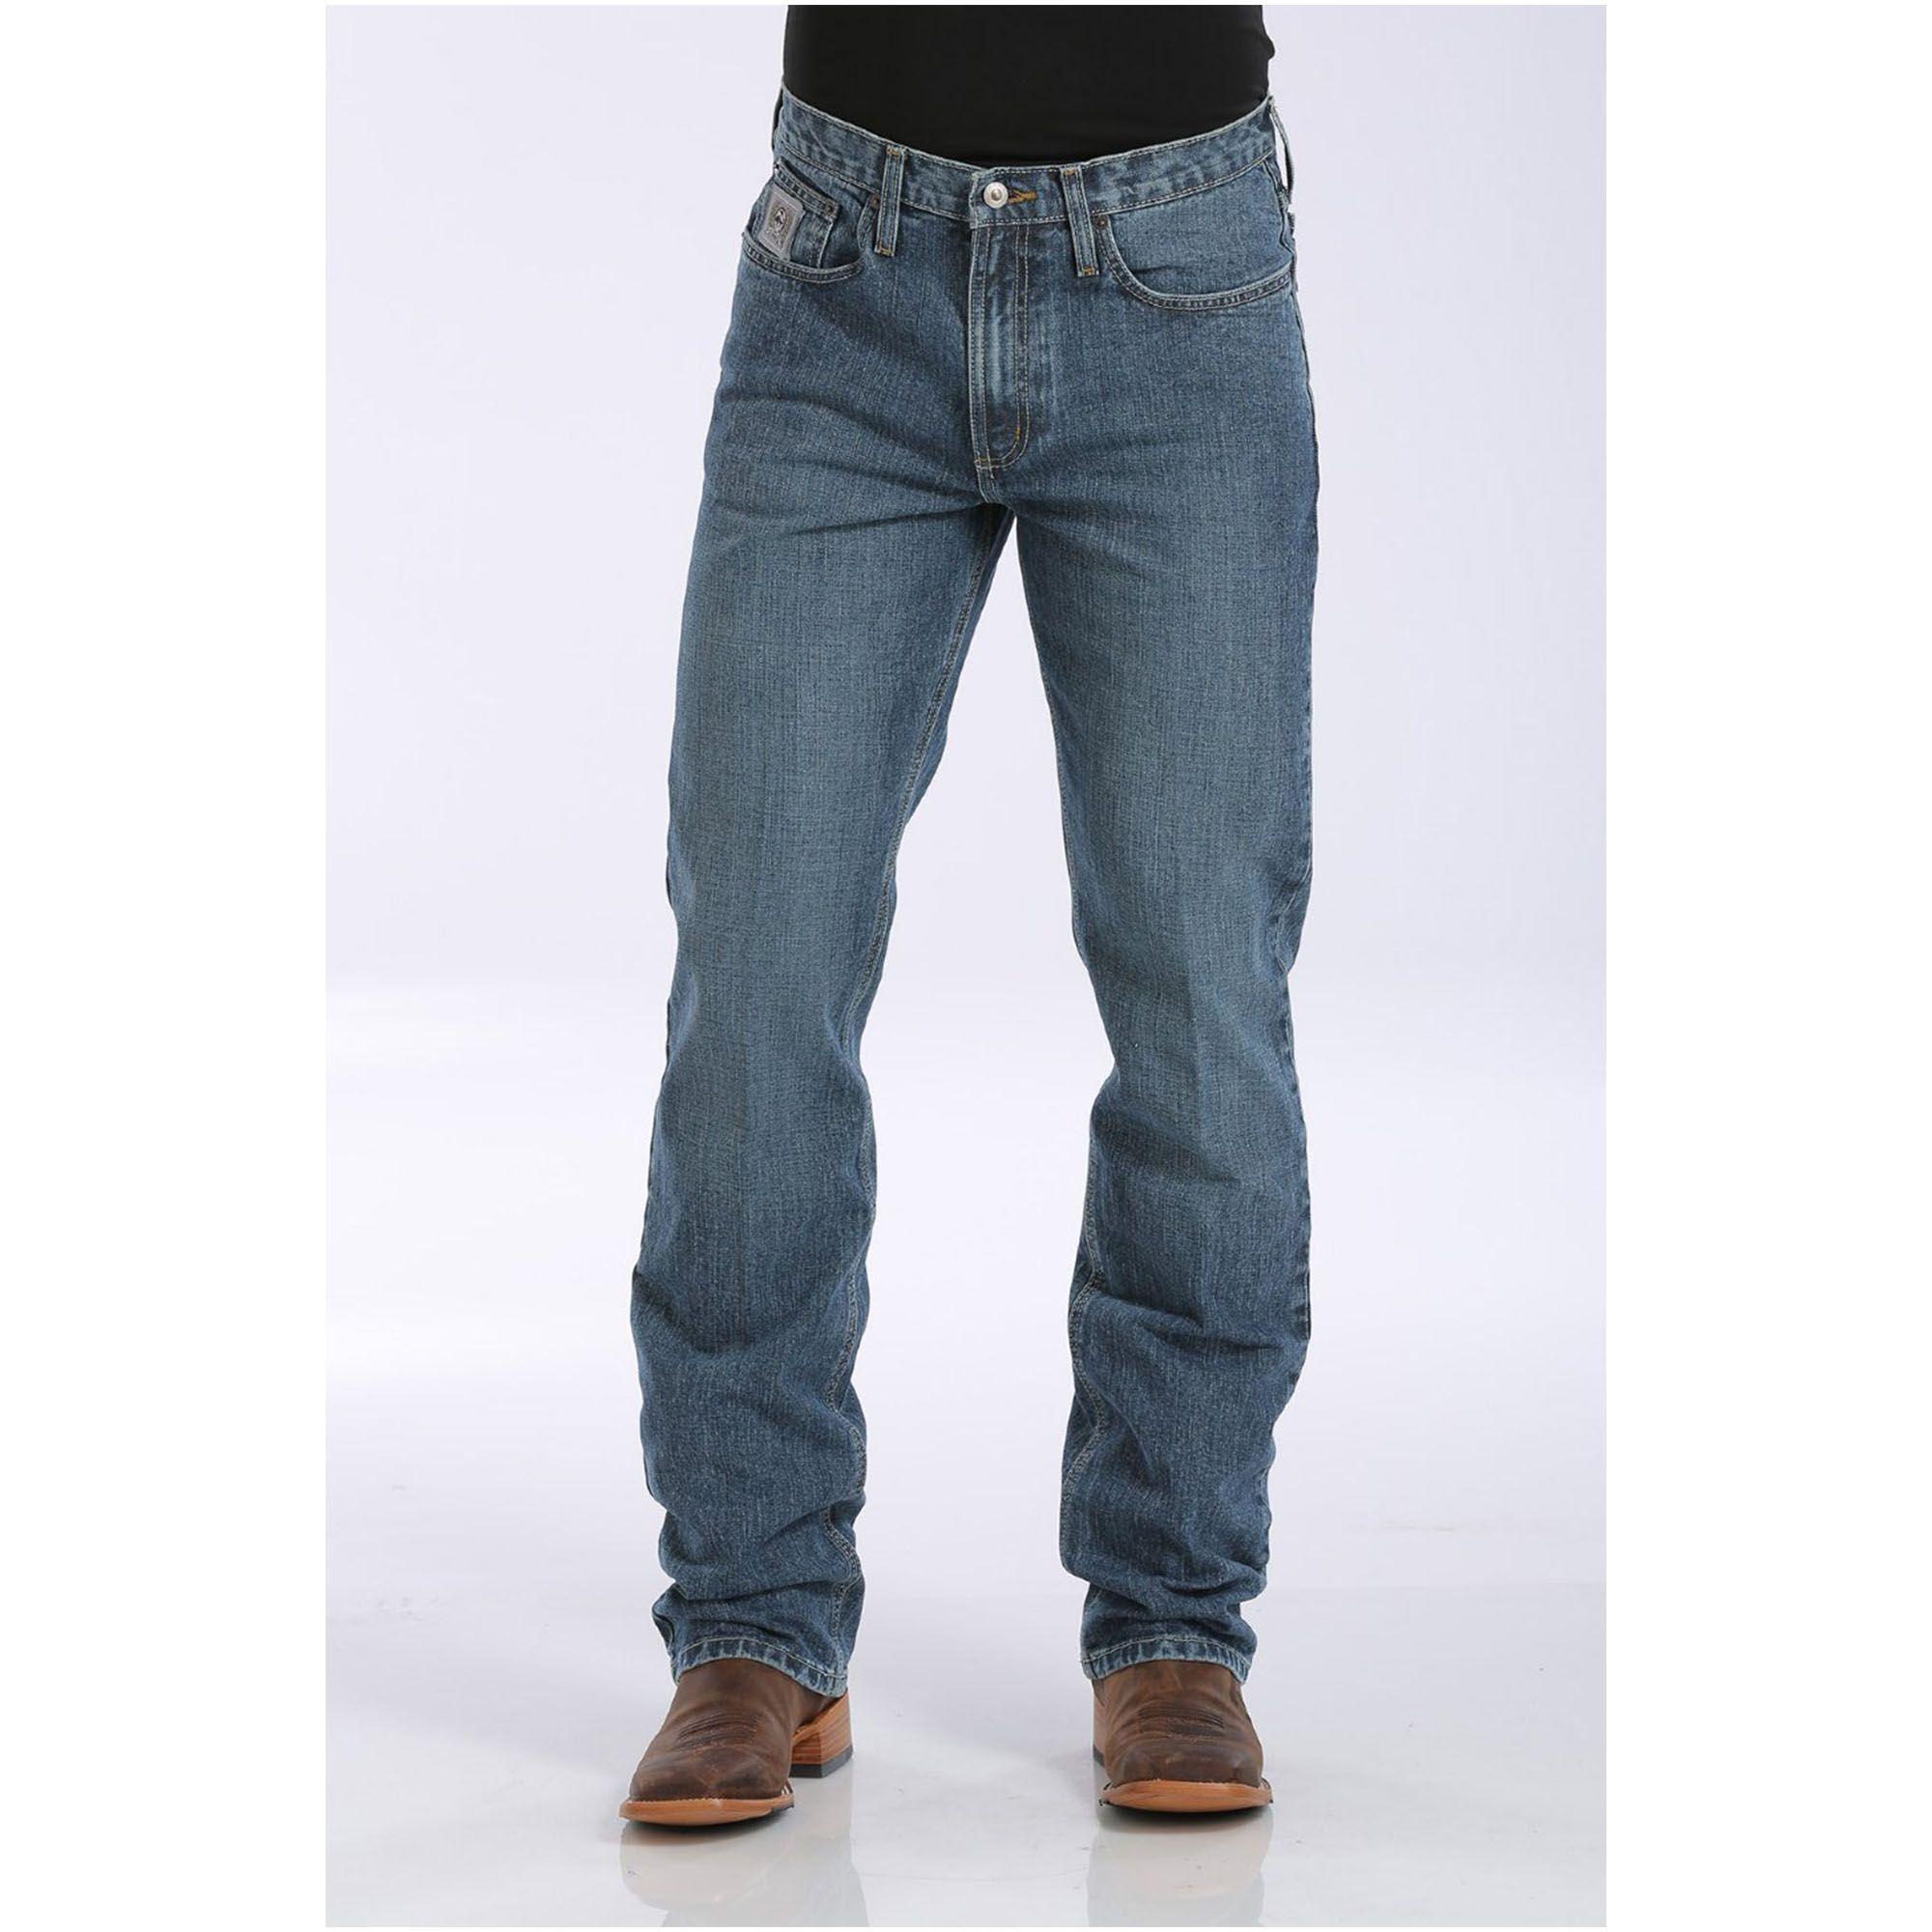 Calça Jeans Masculina Cinch Silver Medium Stonewash